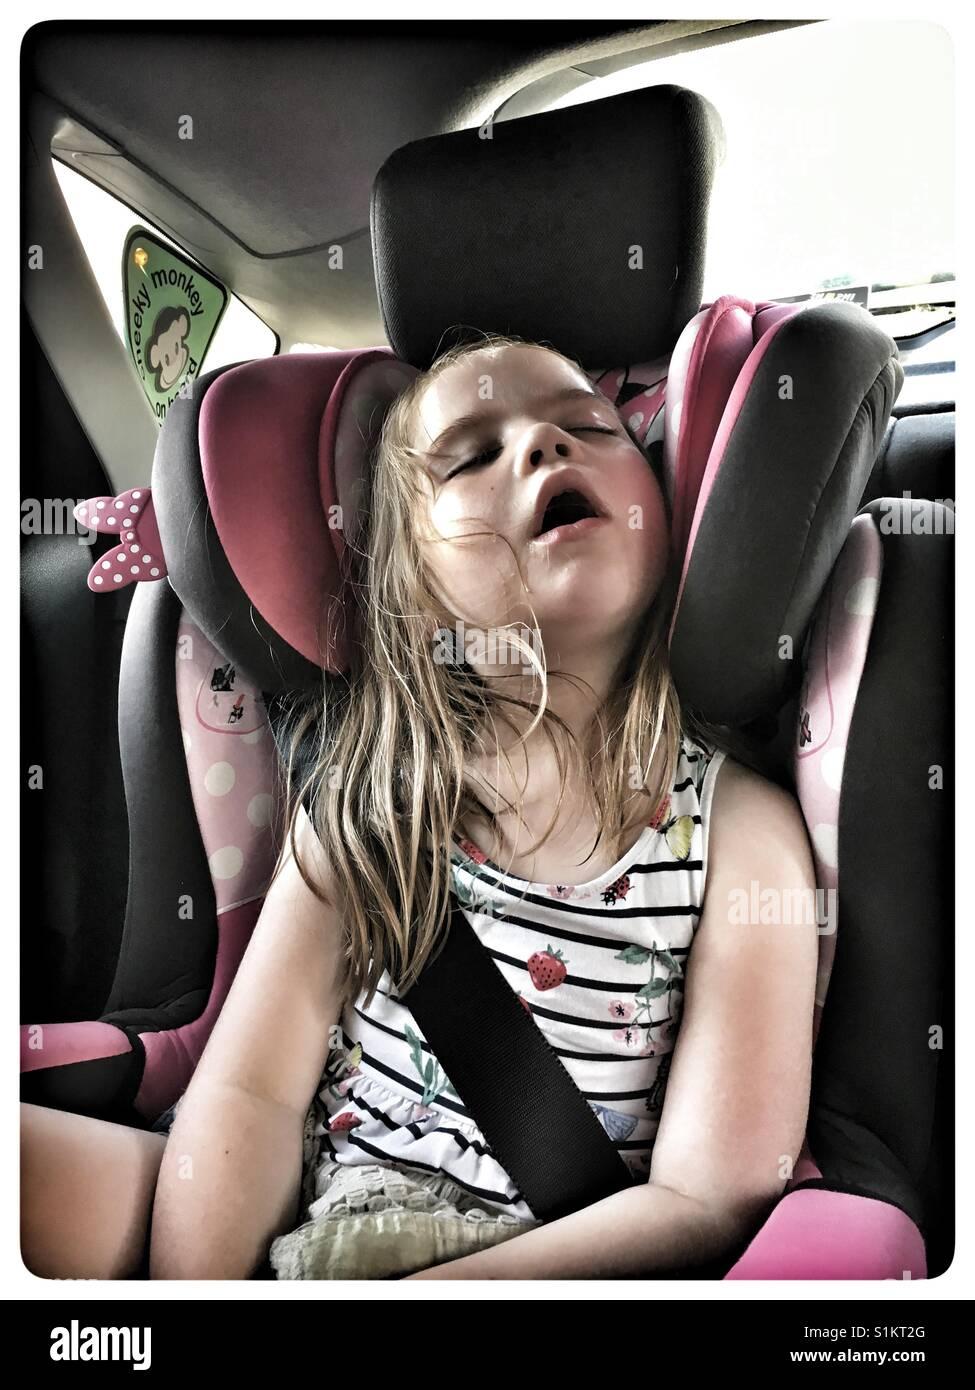 Five Year Old Girl Asleep In Car Seat